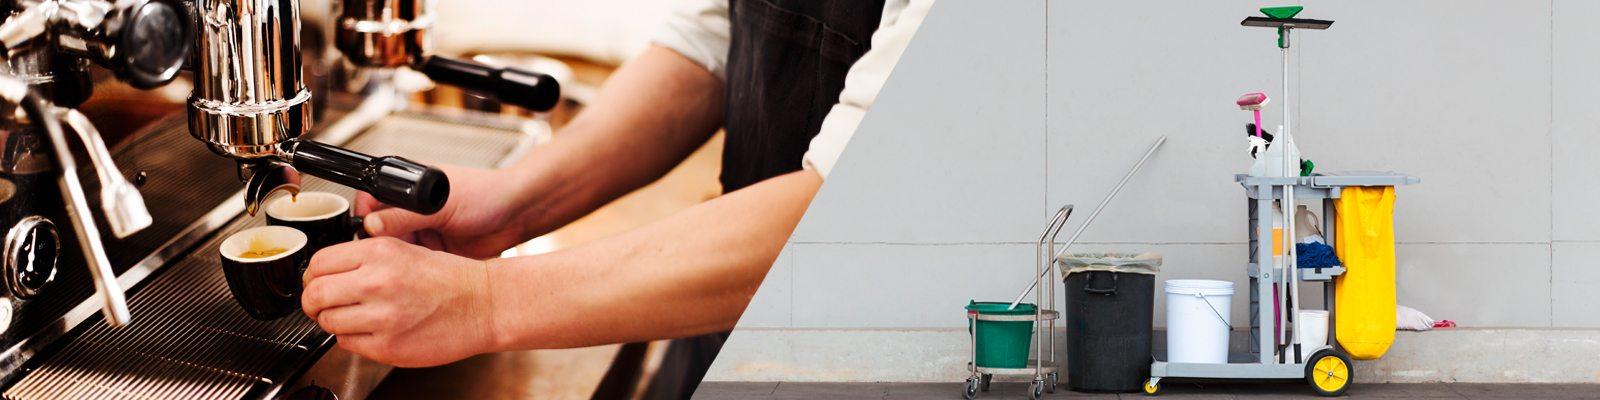 Reinigungstücher für Gebäude, Haushalt, Gastronomie